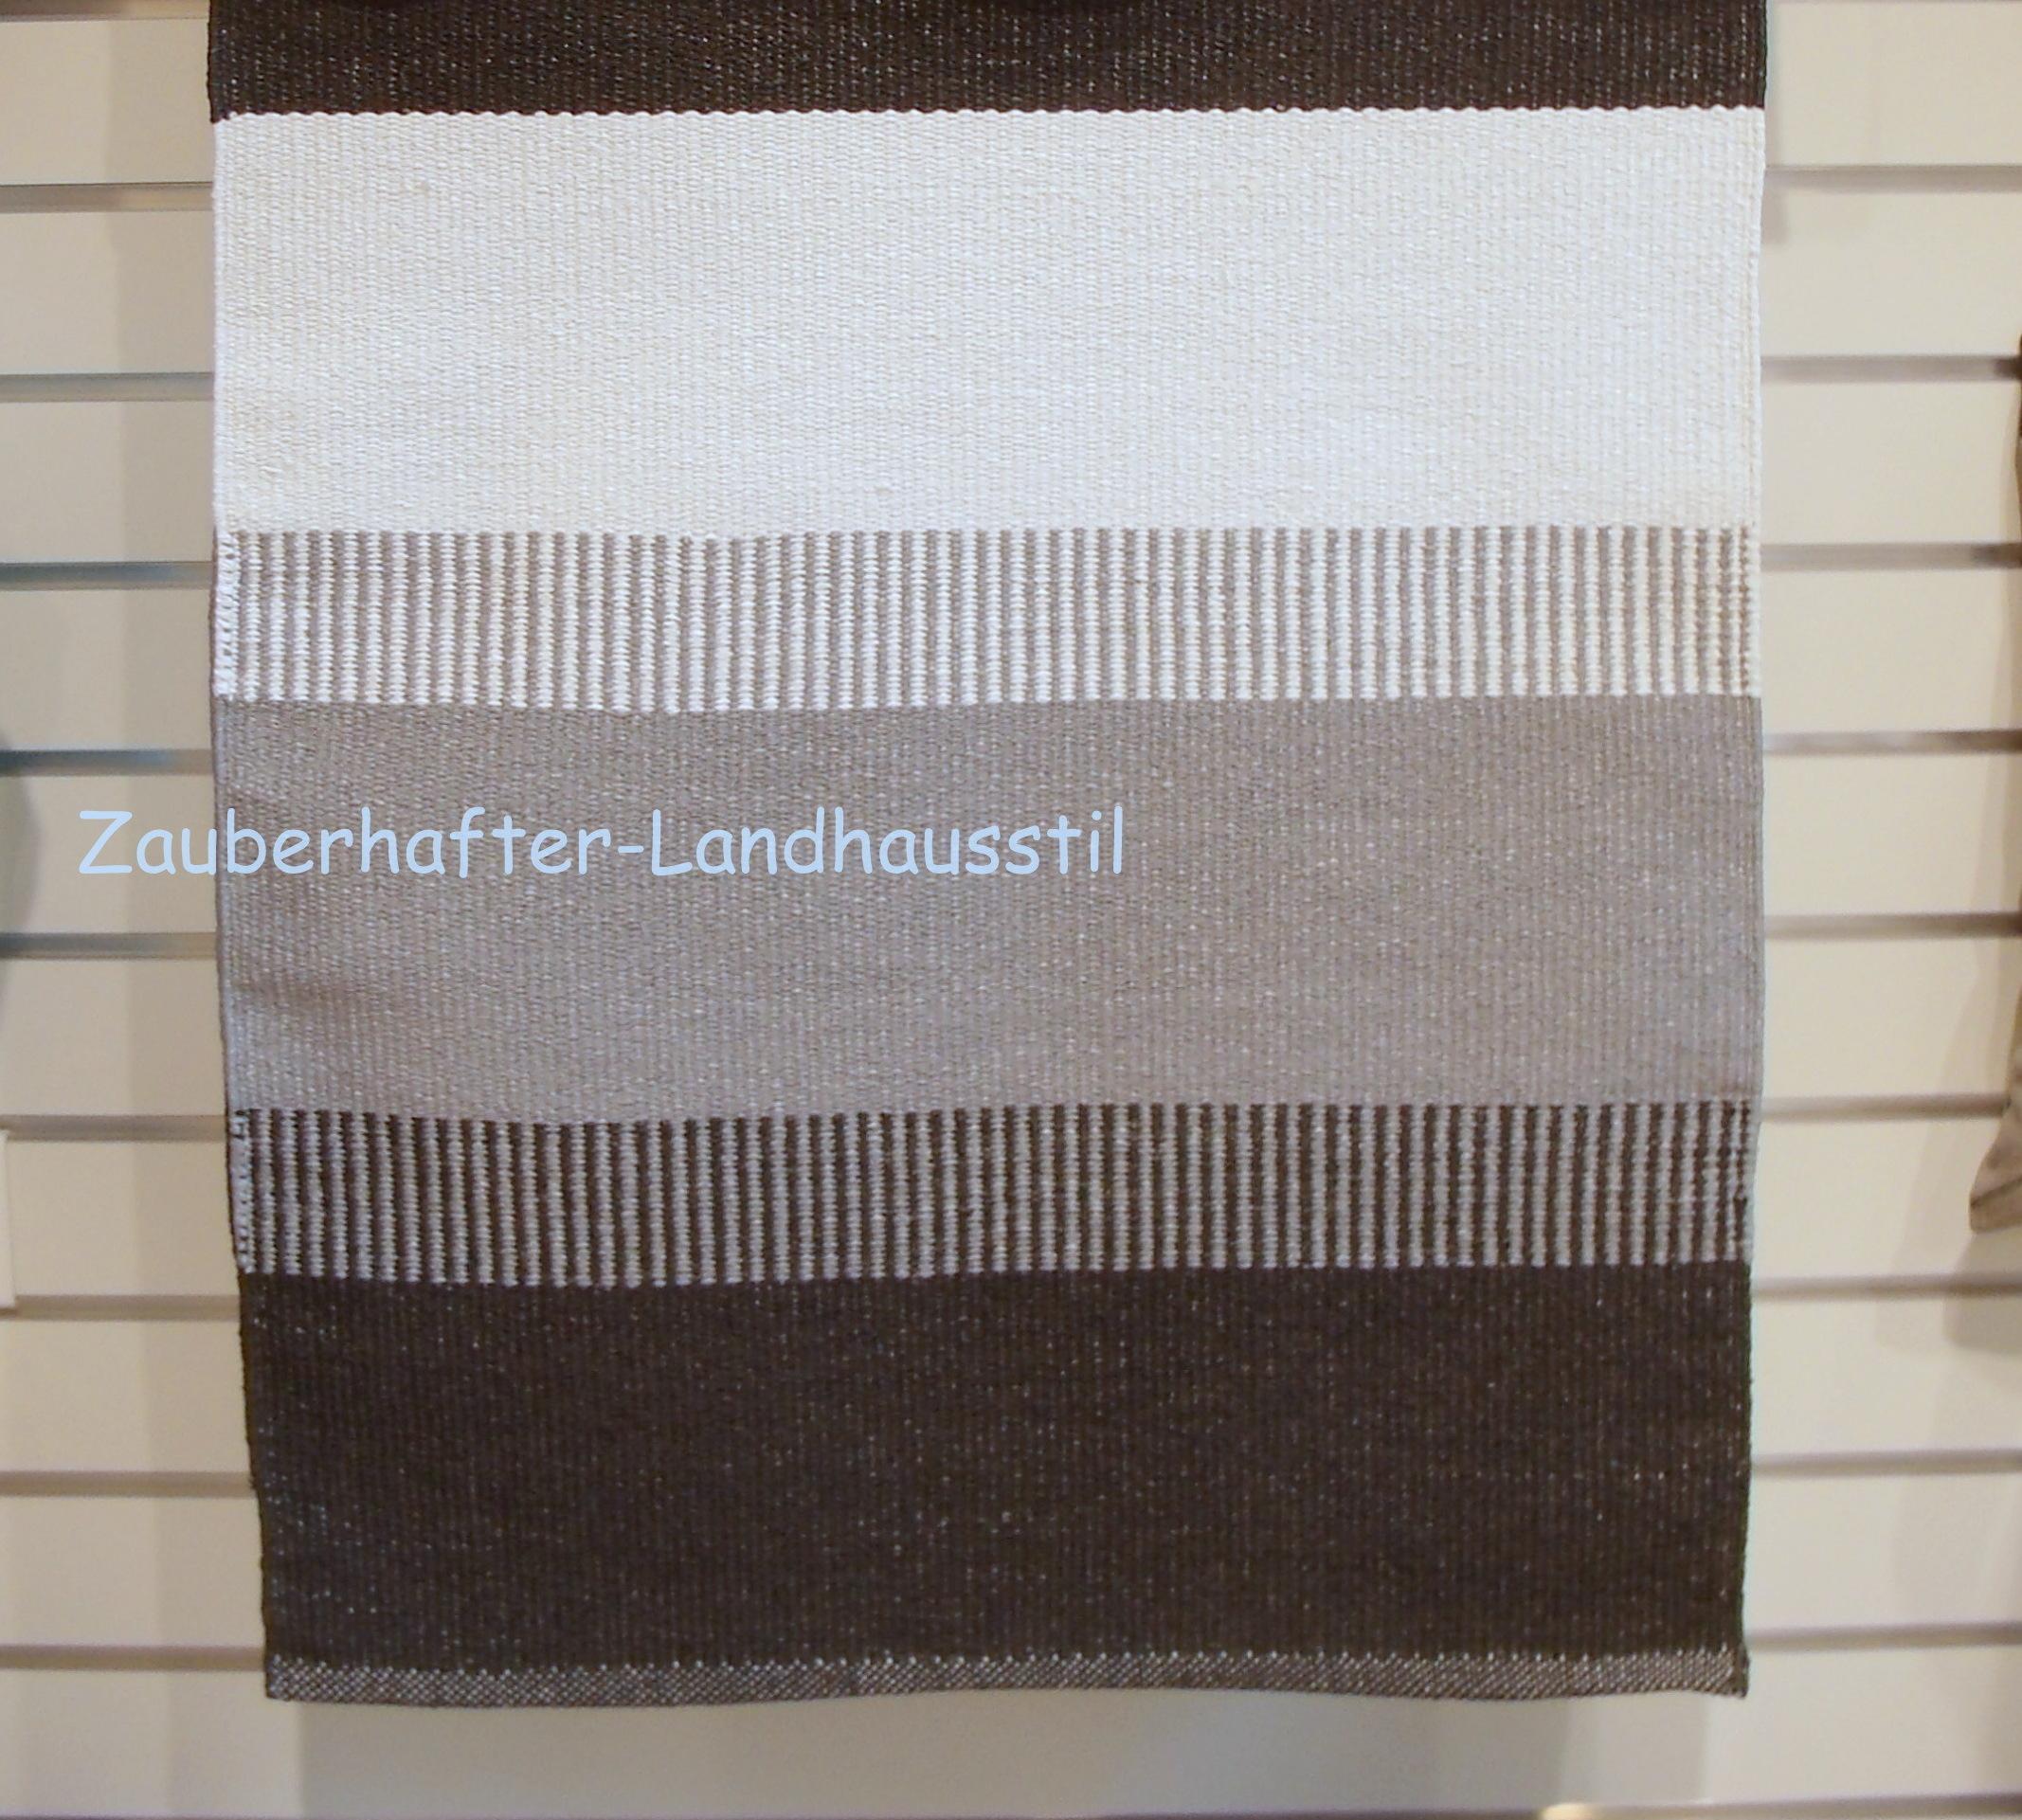 pvc outdoor teppich l ufer stripes grau schwarz wei 70x180 cm flickenteppich flickenteppiche. Black Bedroom Furniture Sets. Home Design Ideas